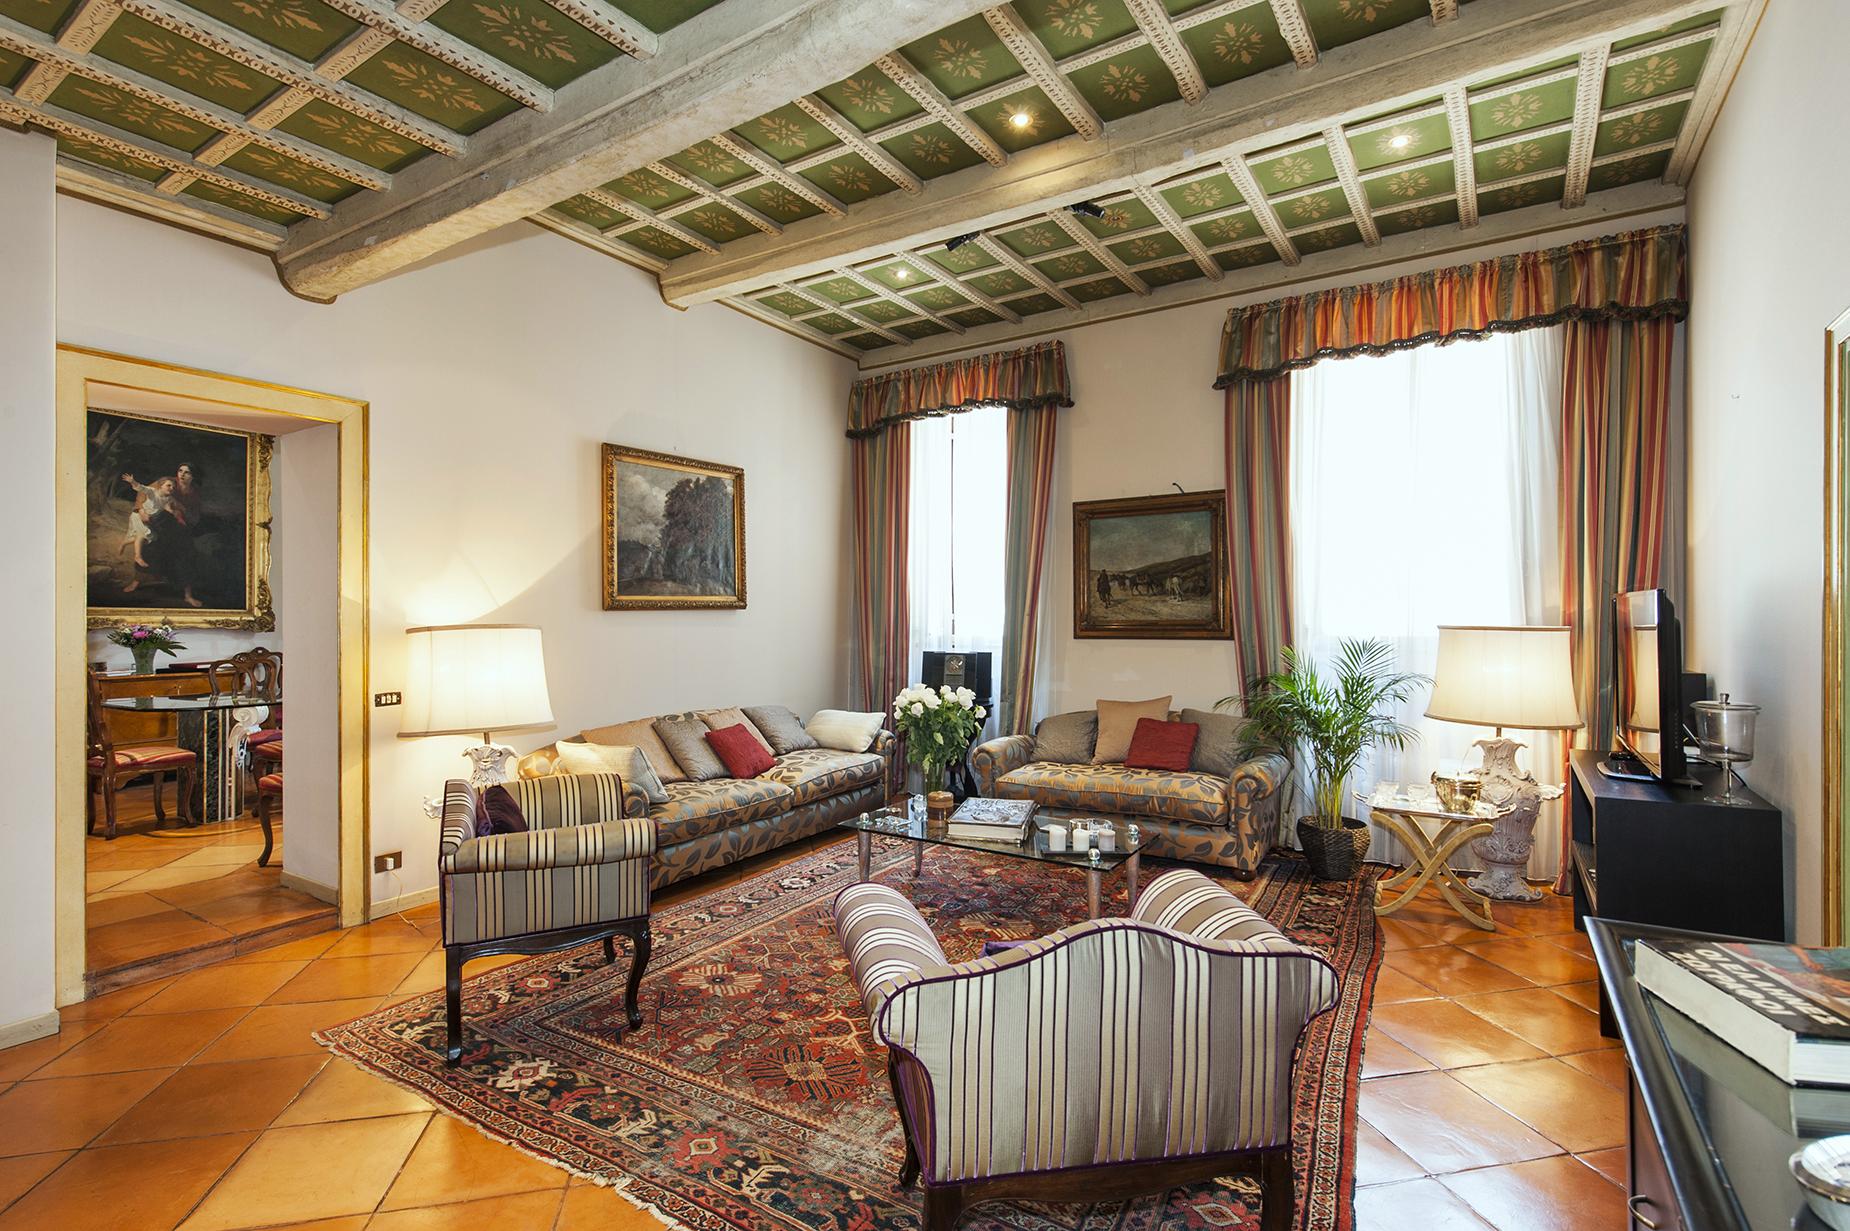 Apartment for Sale at Prestigious apartment in Via delle Coppelle Rome, Rome, 00186 Italy